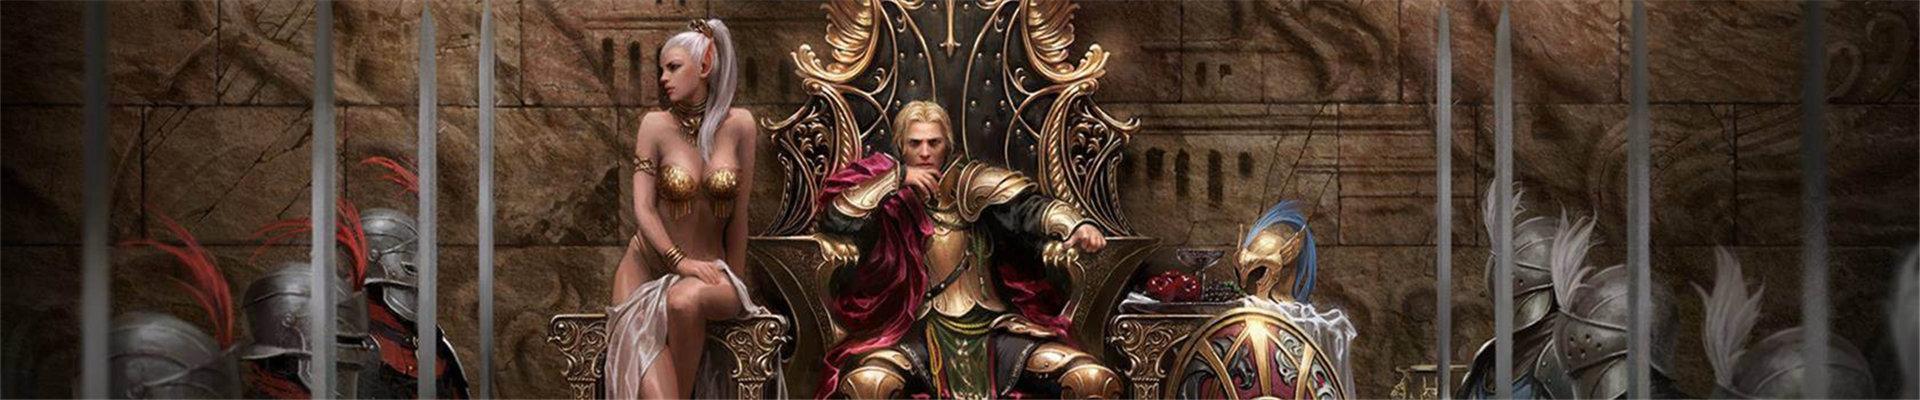 剑与魔法的世界 谁才是真正的王者